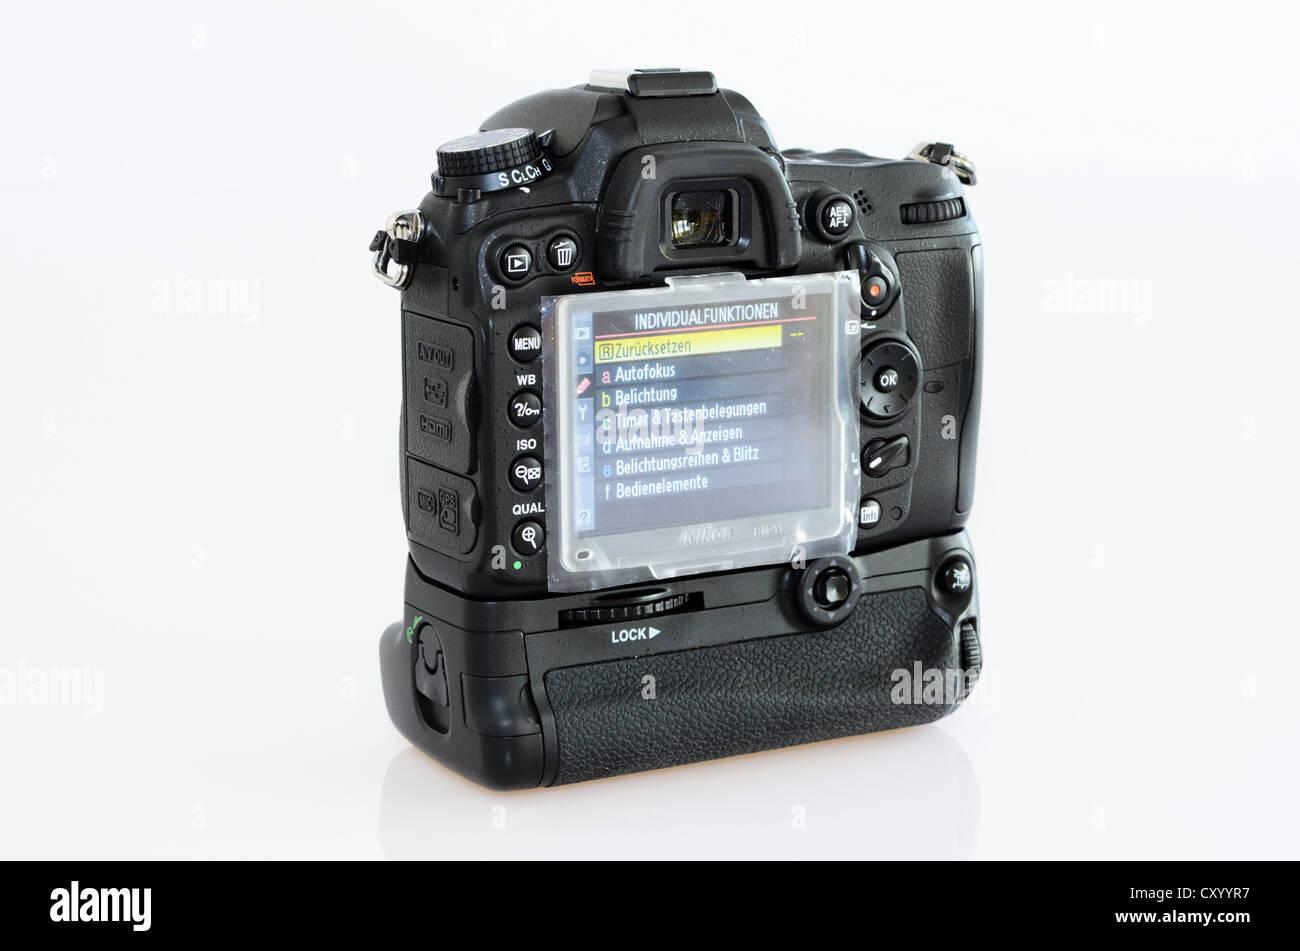 Nikon D7000 Stock Photos & Nikon D7000 Stock Images - Alamy